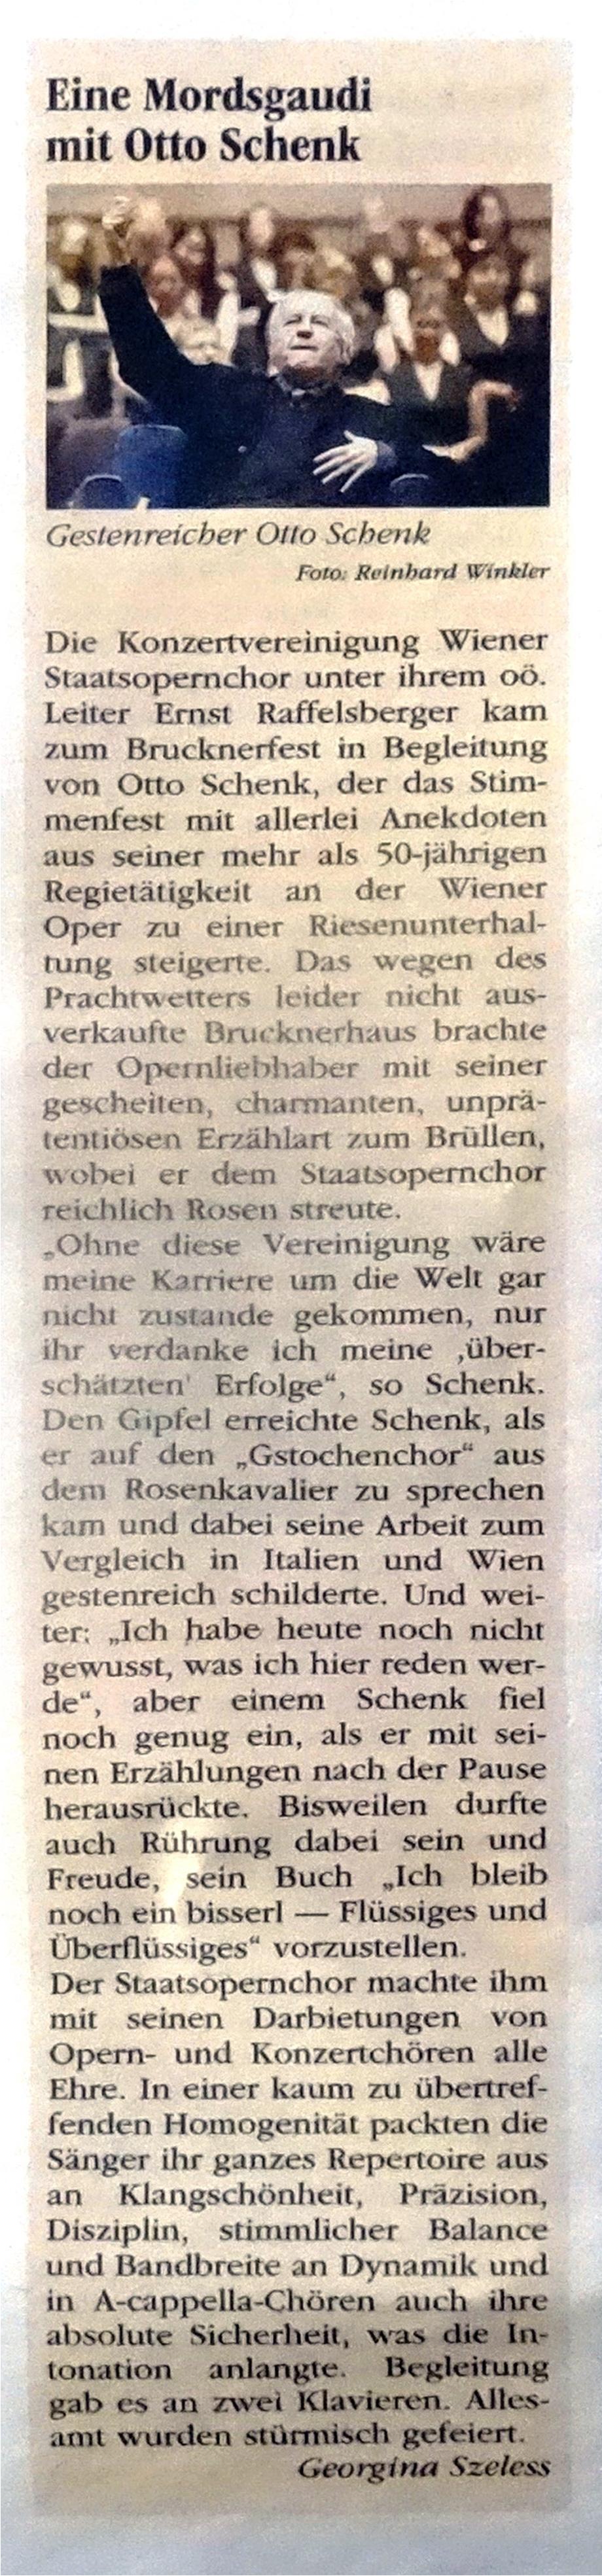 Kritik Volksblatt Konzertvereinigung Wr.STOP-Chor